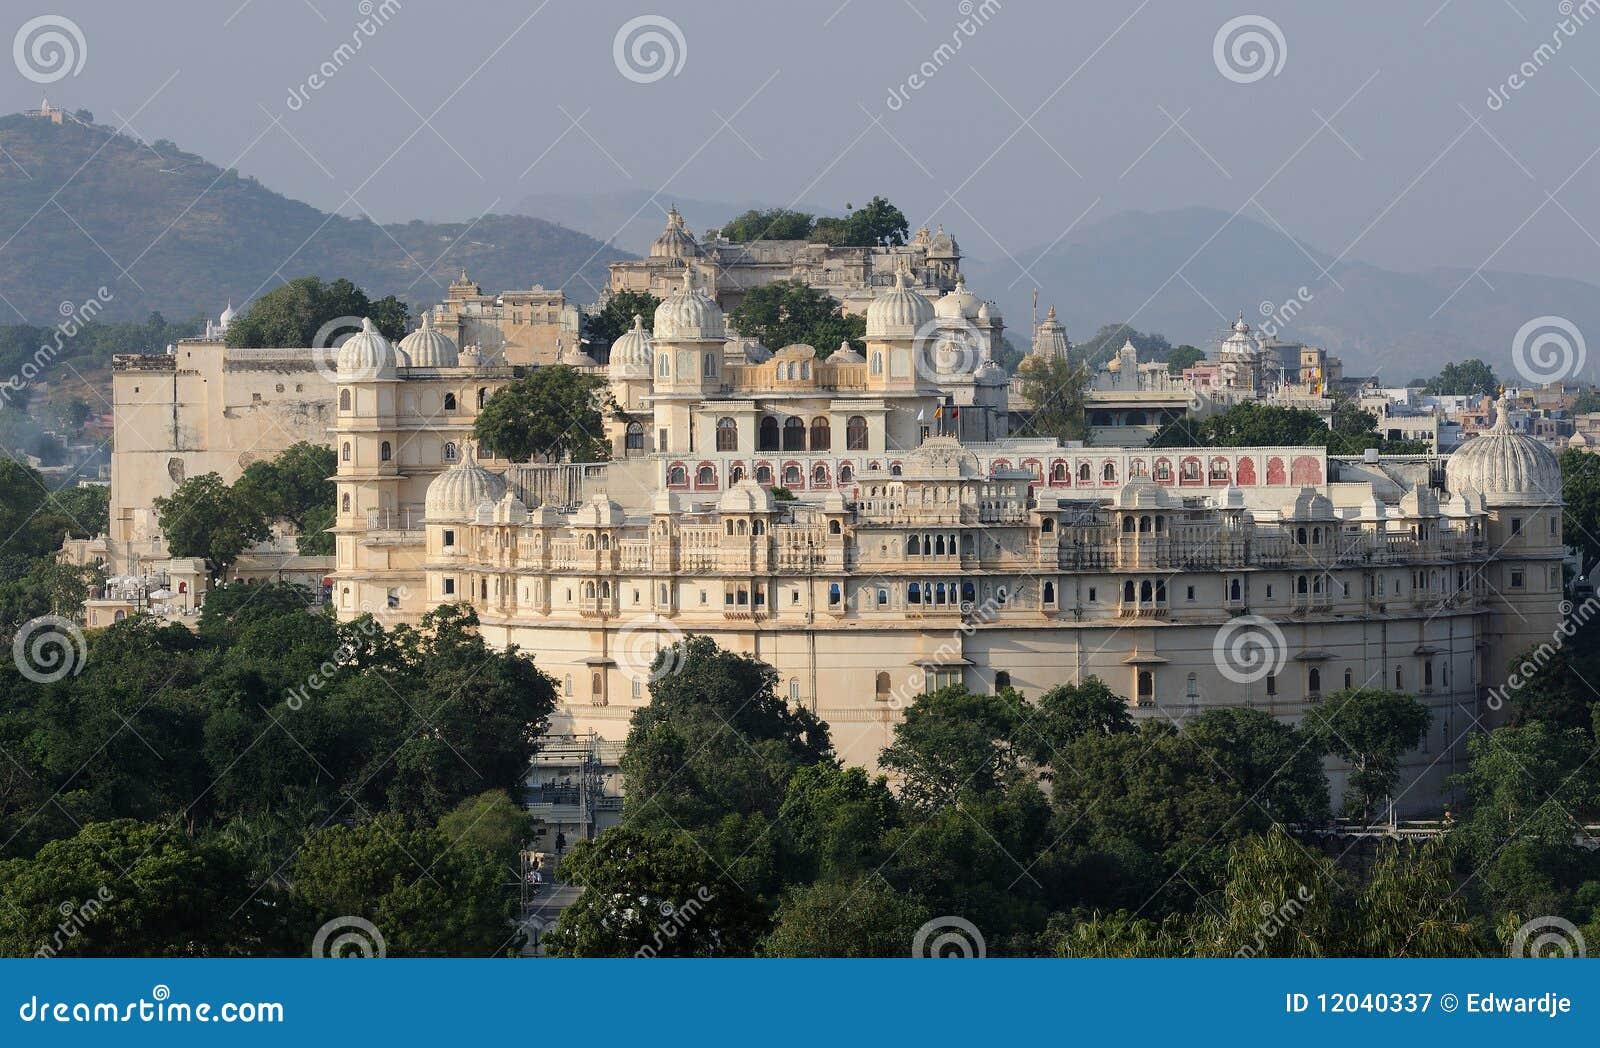 Udaipur FortUdaipur Fort